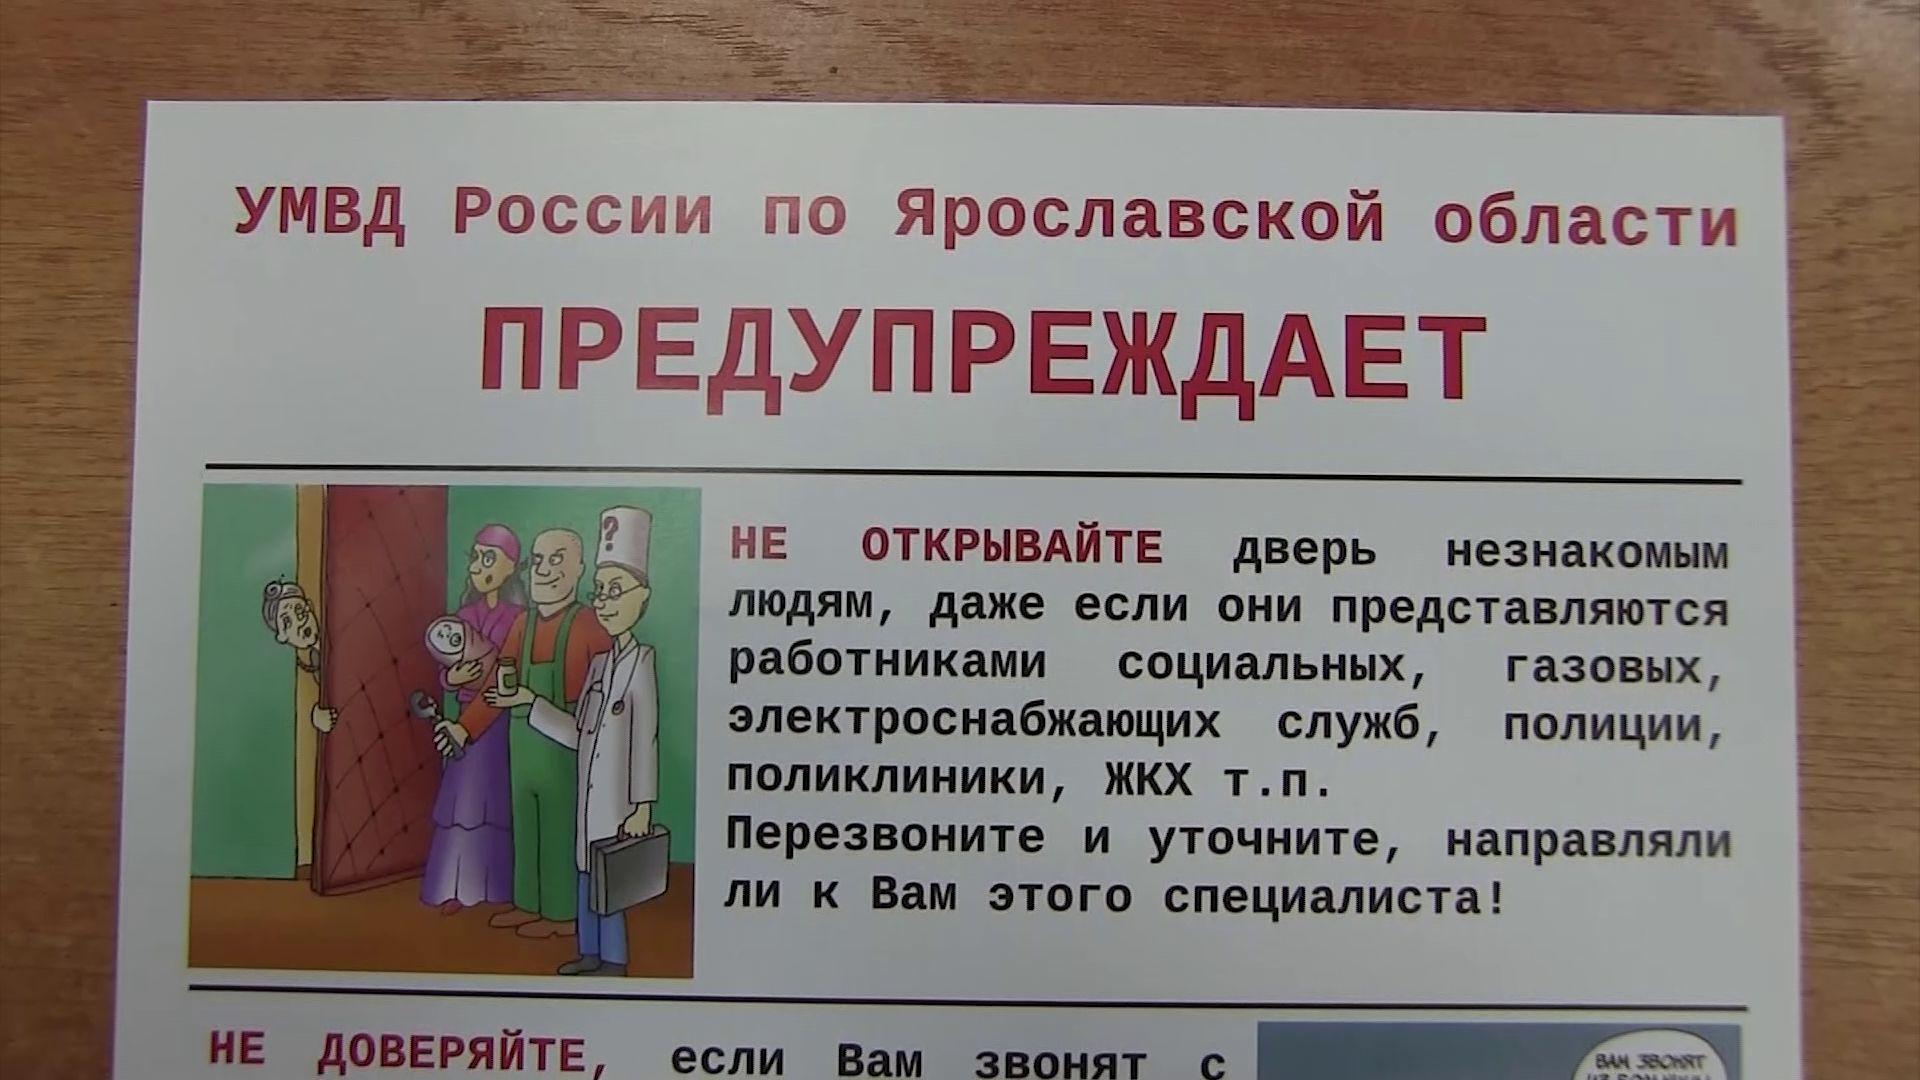 В Рыбинске раскрыли кражу из дома пожилой женщины